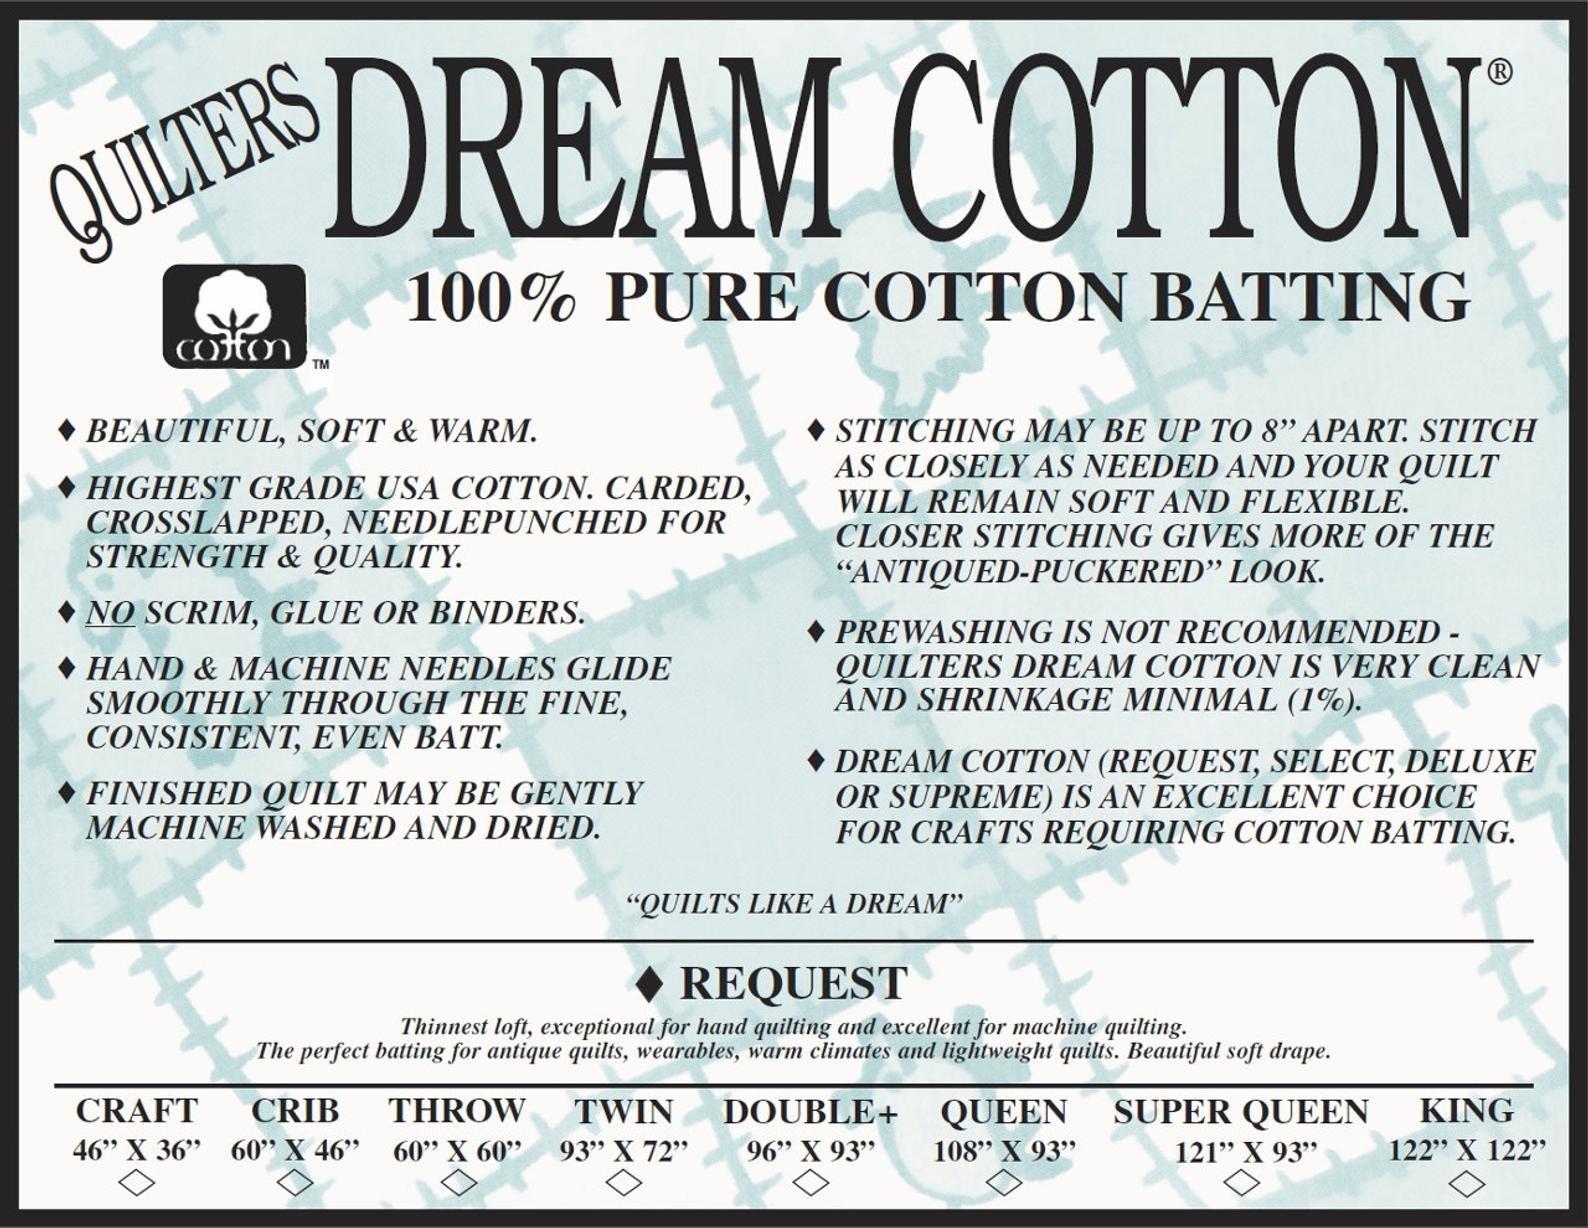 Quilters Dream Cotton Batting - Request Loft - White